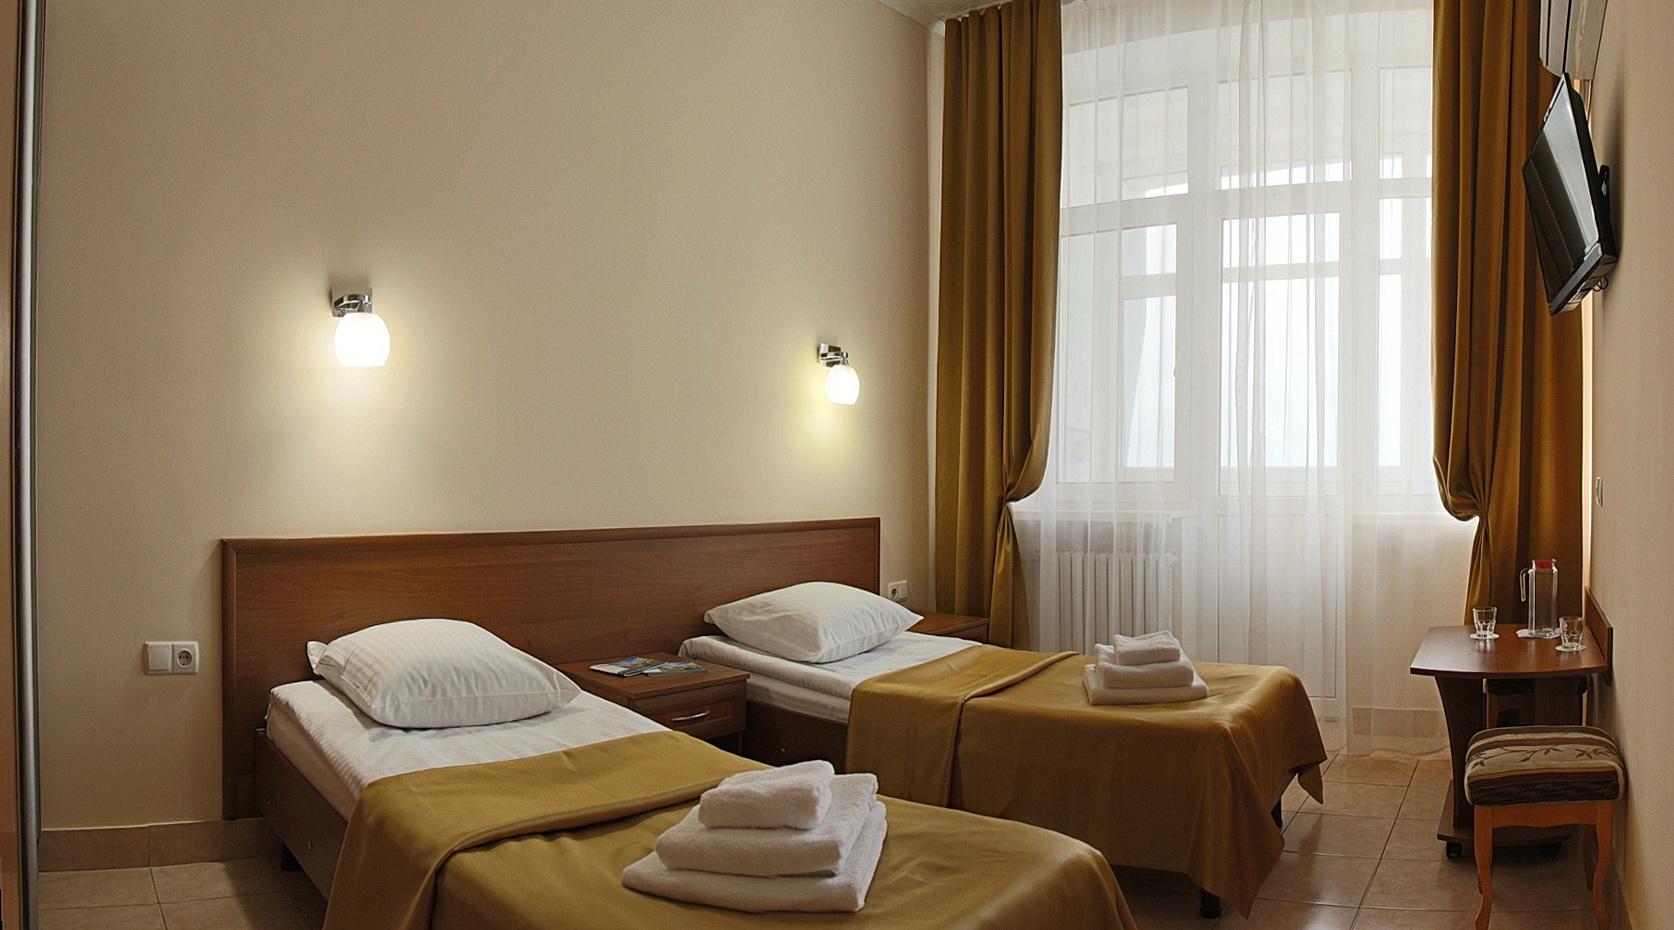 1-комнатный 2-местный номер СТАНДАРТ I категории (три звезды), корпус № 95/1 (Центральный 9-этажный). Санаторий им. Пирогова. Саки